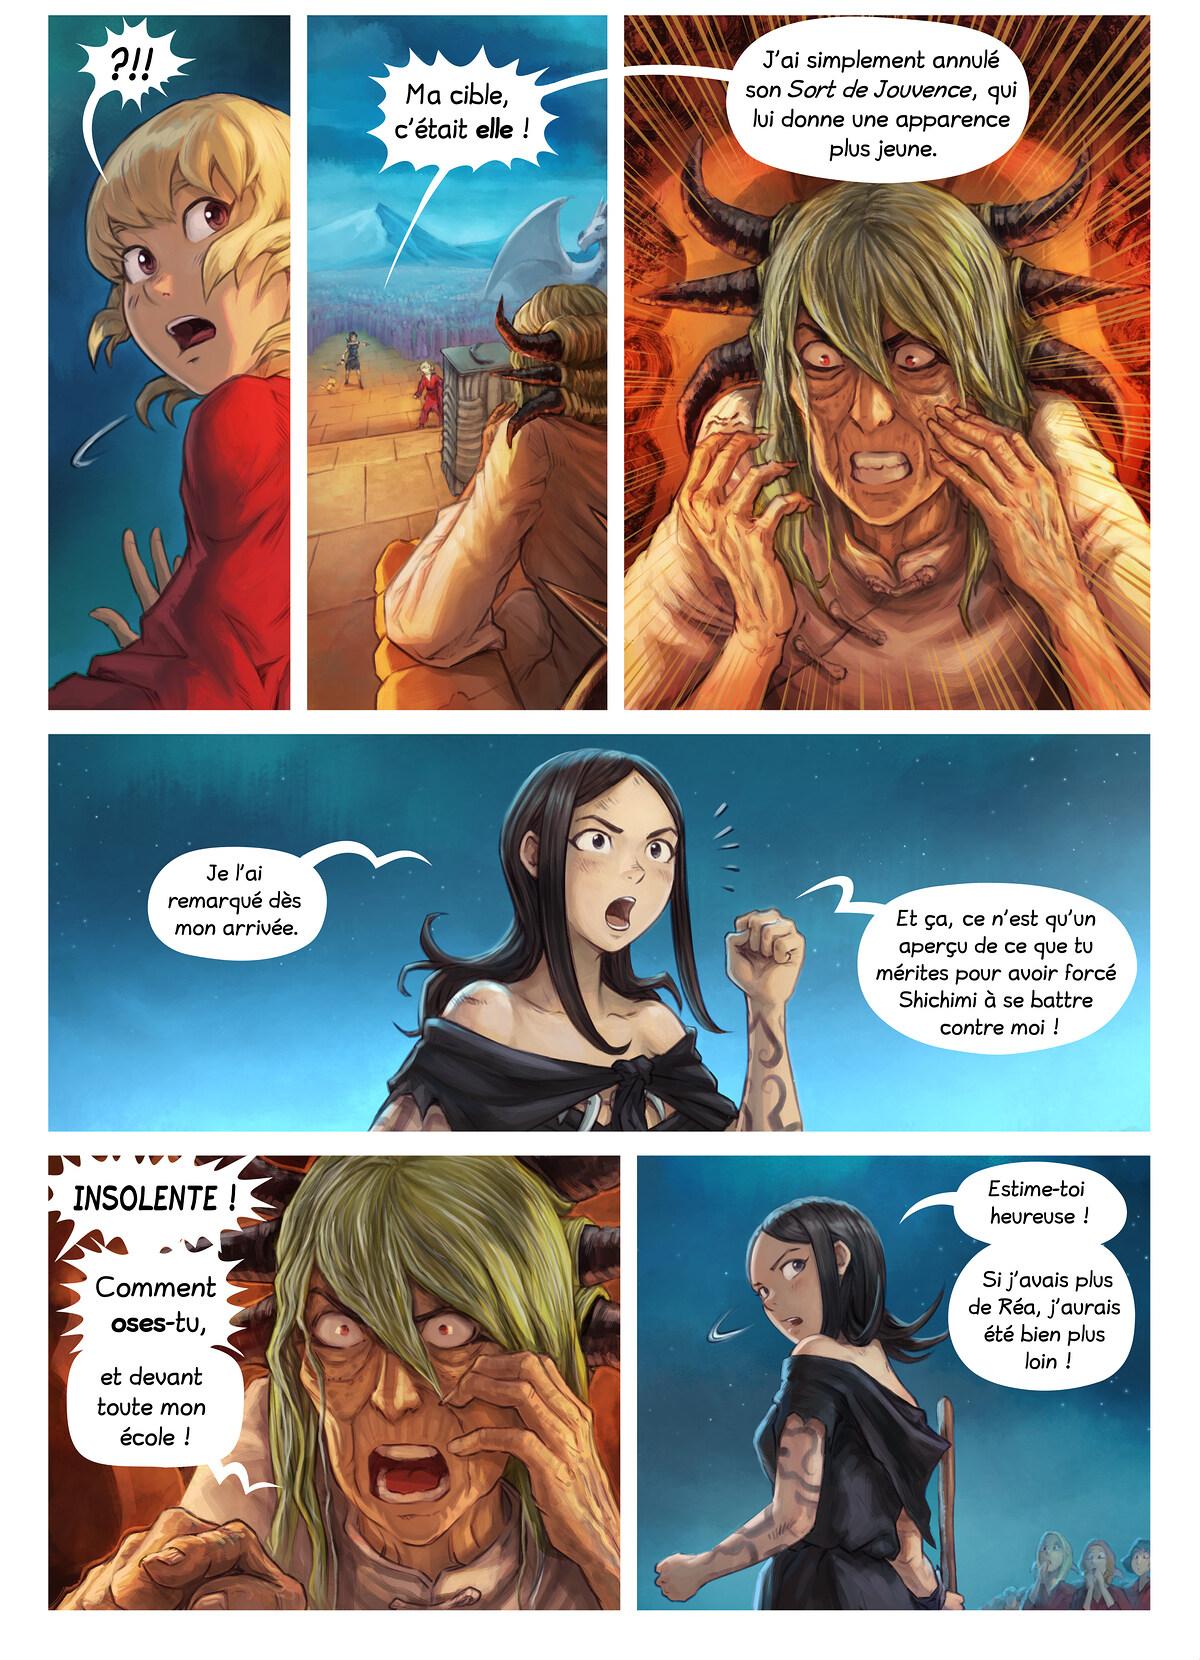 Épisode 34 : L'Adoubement de Shichimi, Page 8